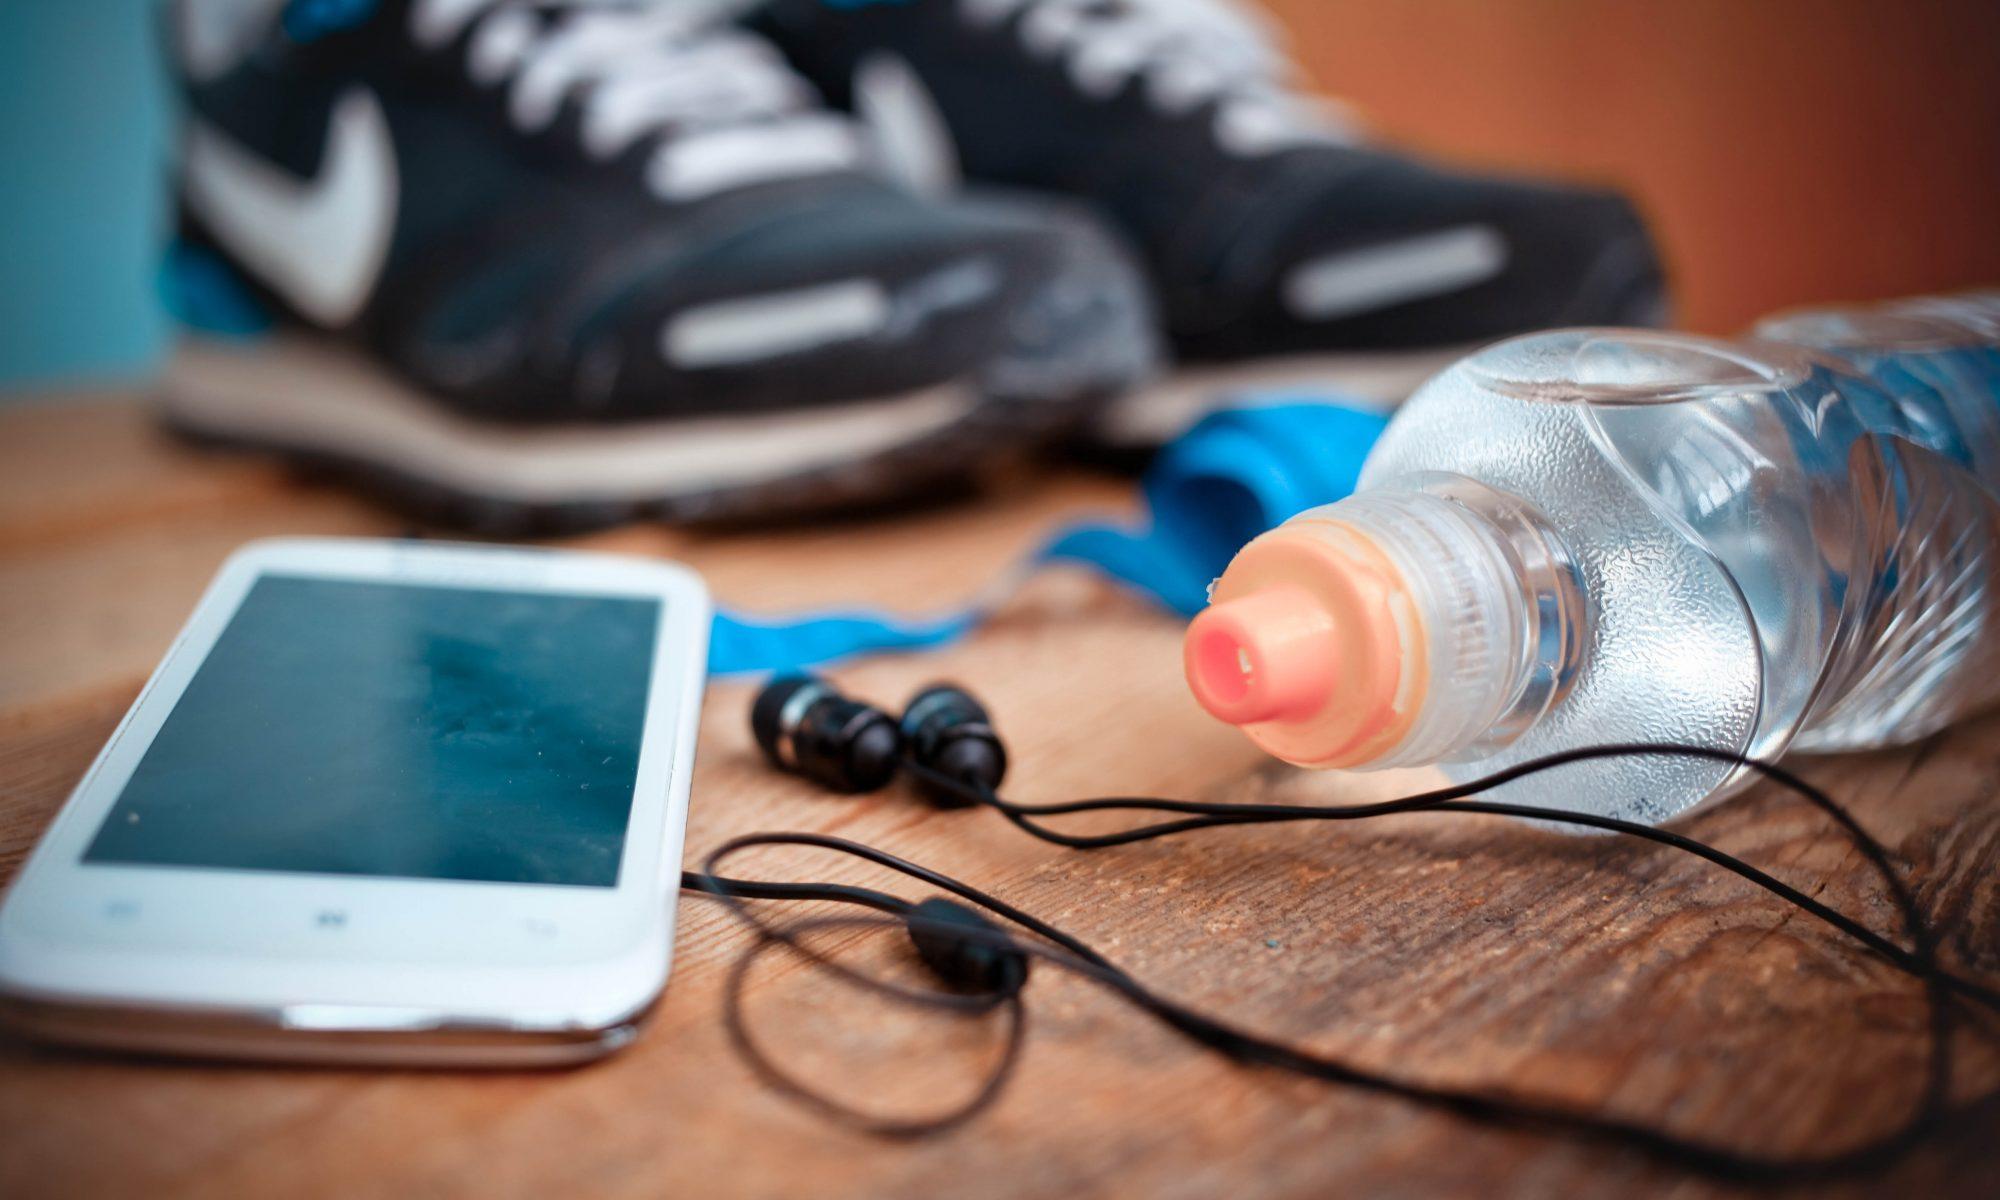 Sorte sportssko, vandflaske og en mobil ligger på en træbænk